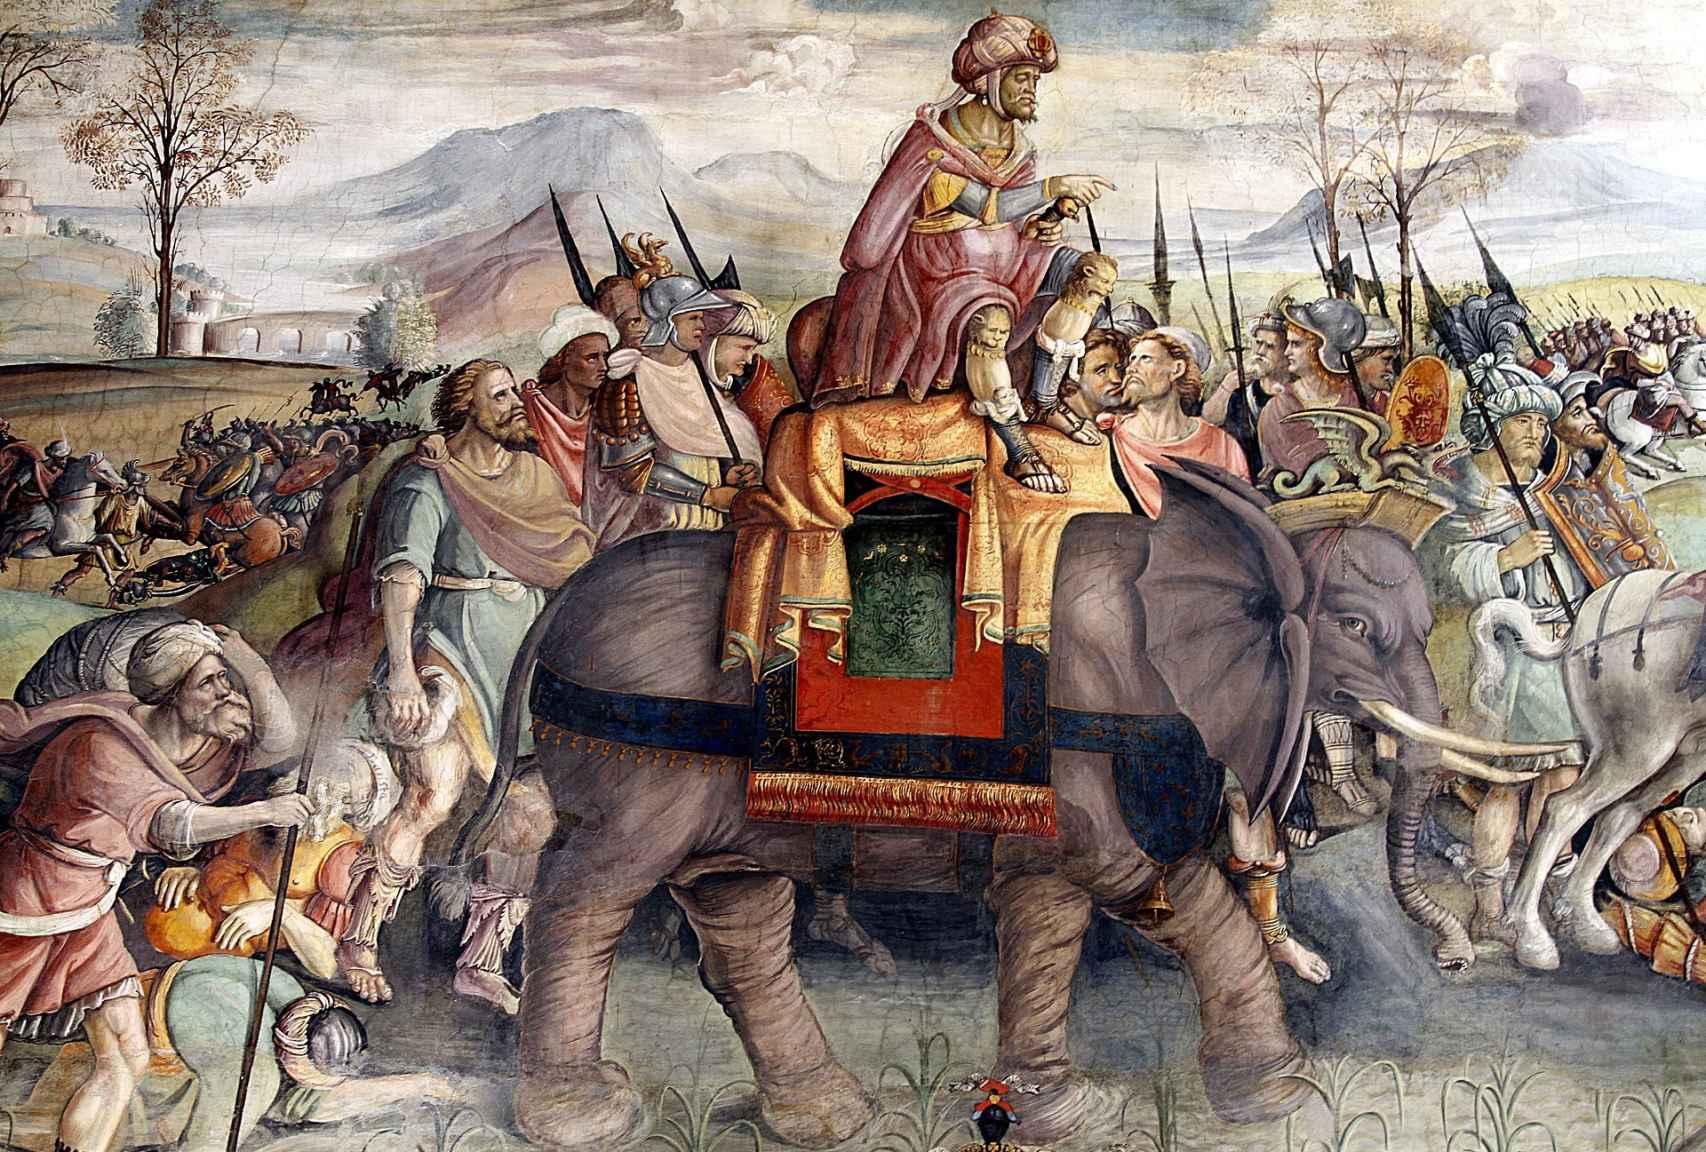 Aníbal cruzando los Alpes para enfrentarse a los romanos.